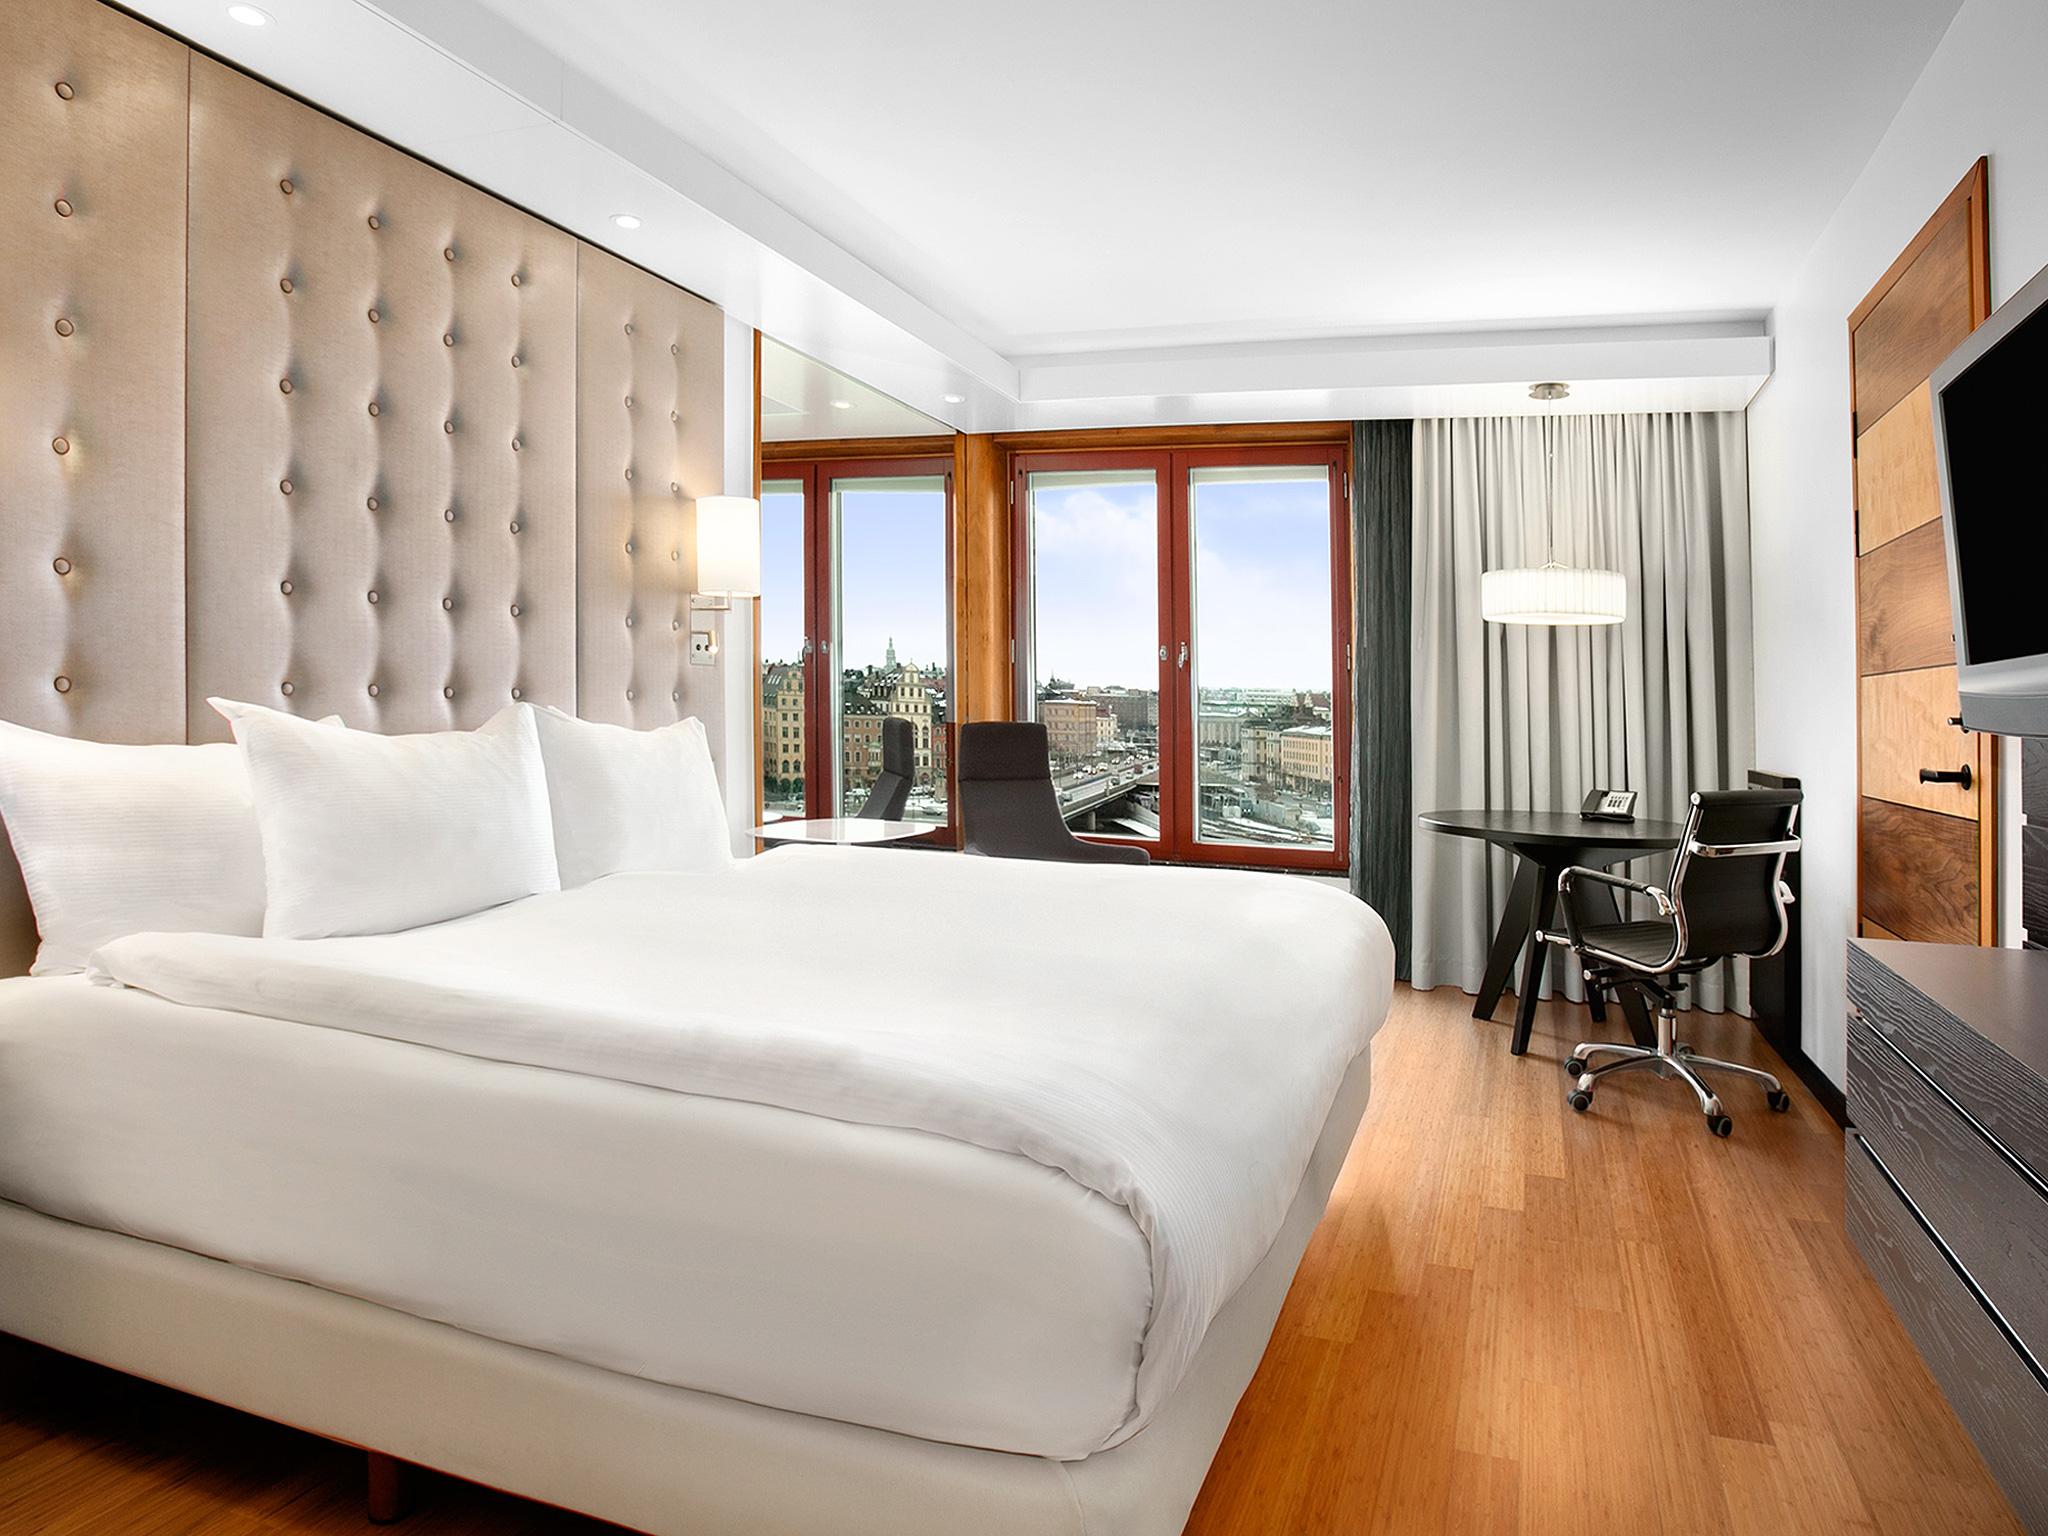 hitta hotel i stockholm